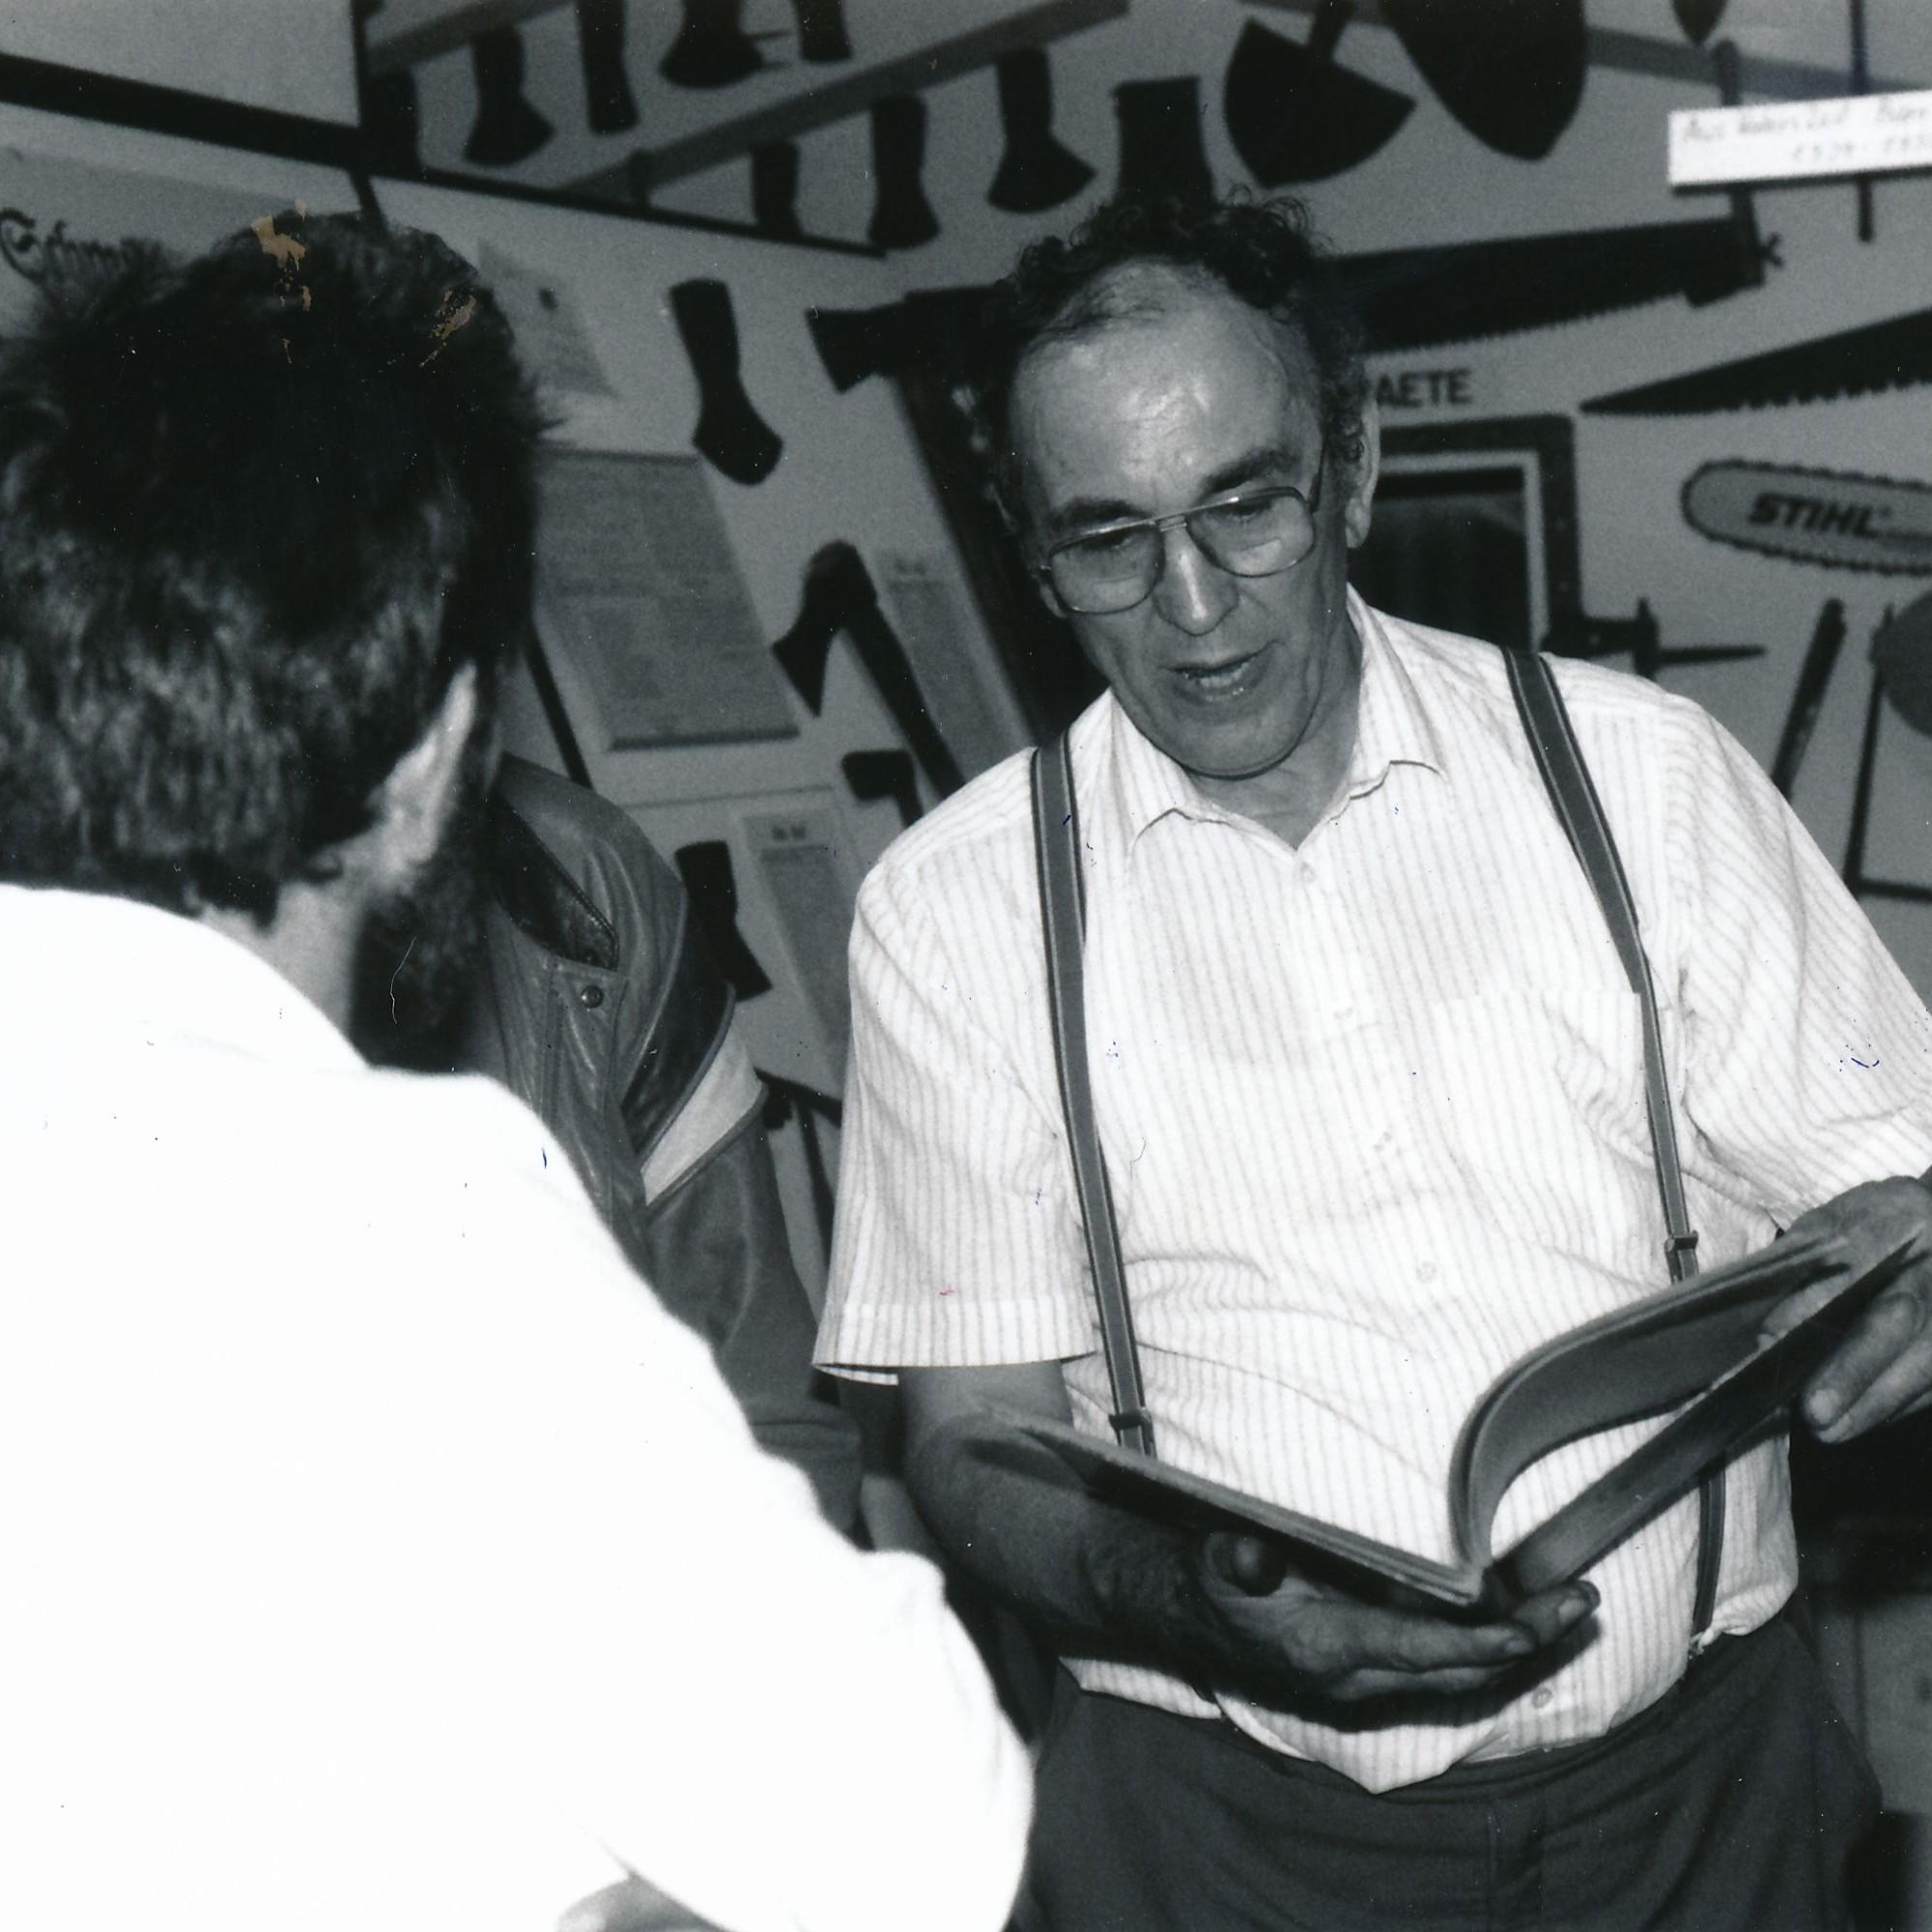 Museumsgründer Rupert Meier (1925 - 2009): Neben seiner Schmiedearbeitbaute er eine umfängliche Sammlung von Werkzeugen auf.